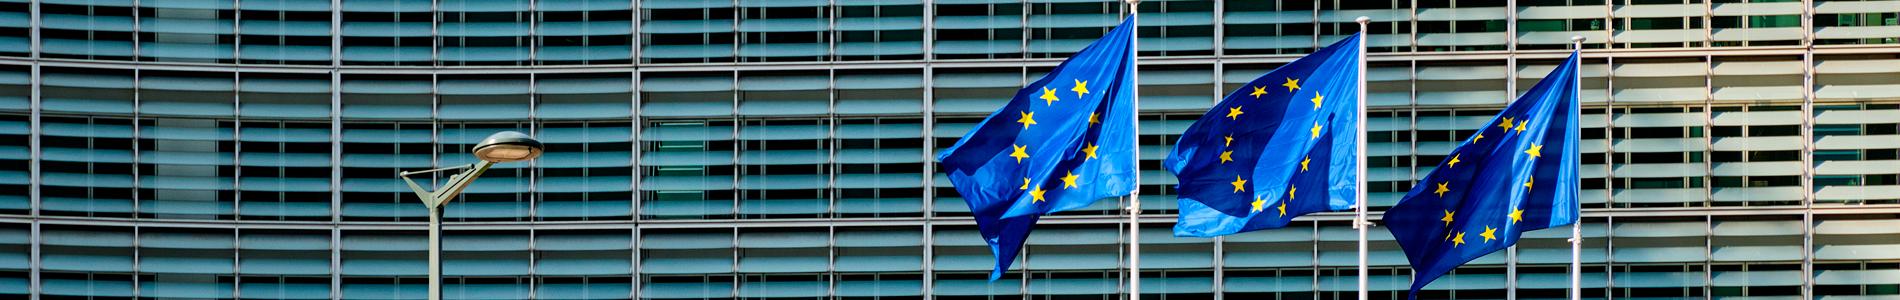 EU Recovery Plan